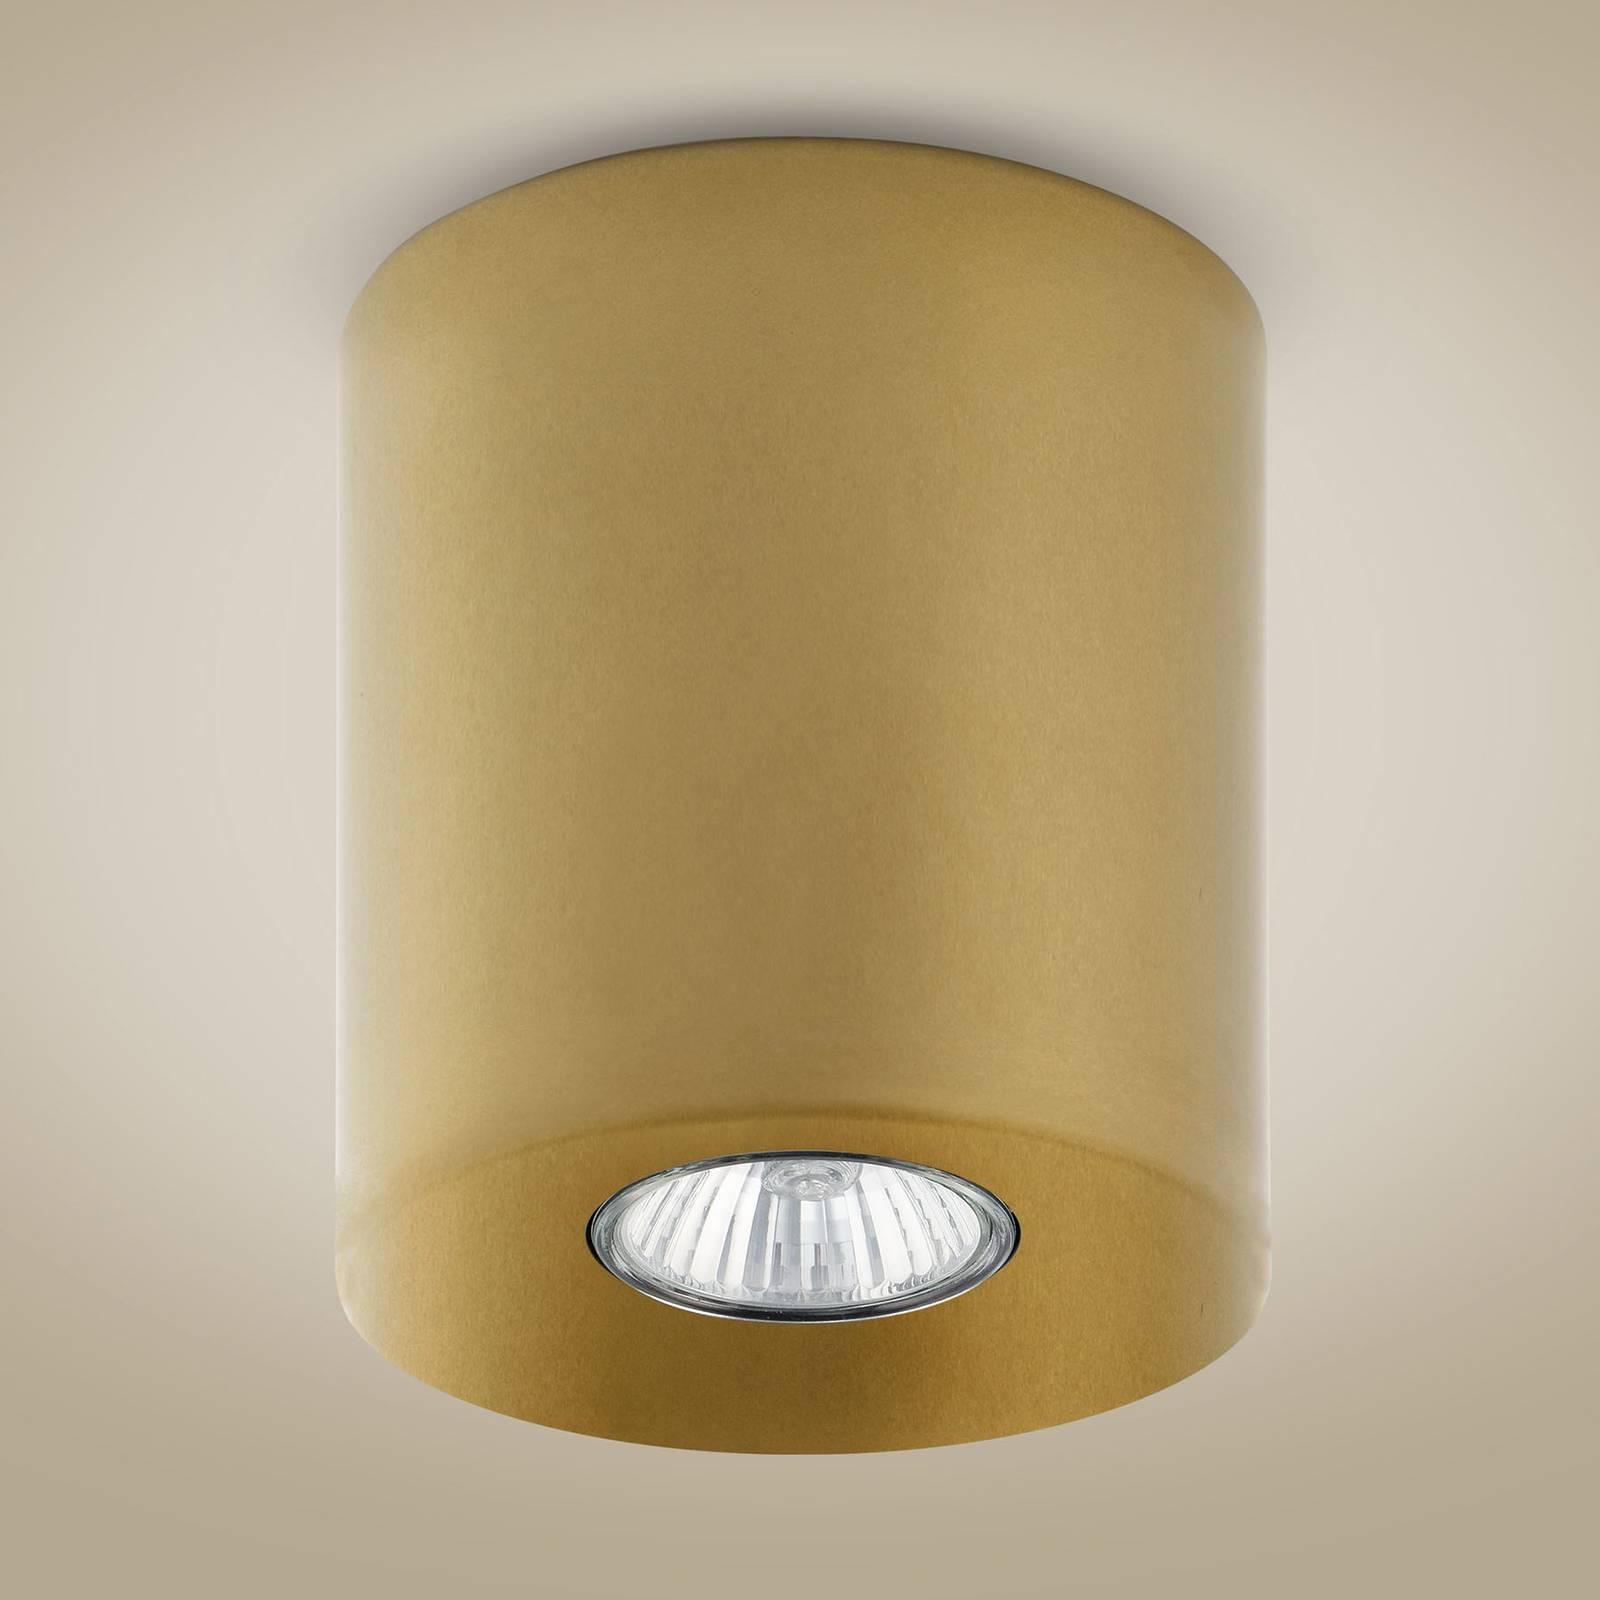 Downlight Orion rund, gold, 12,5 cm